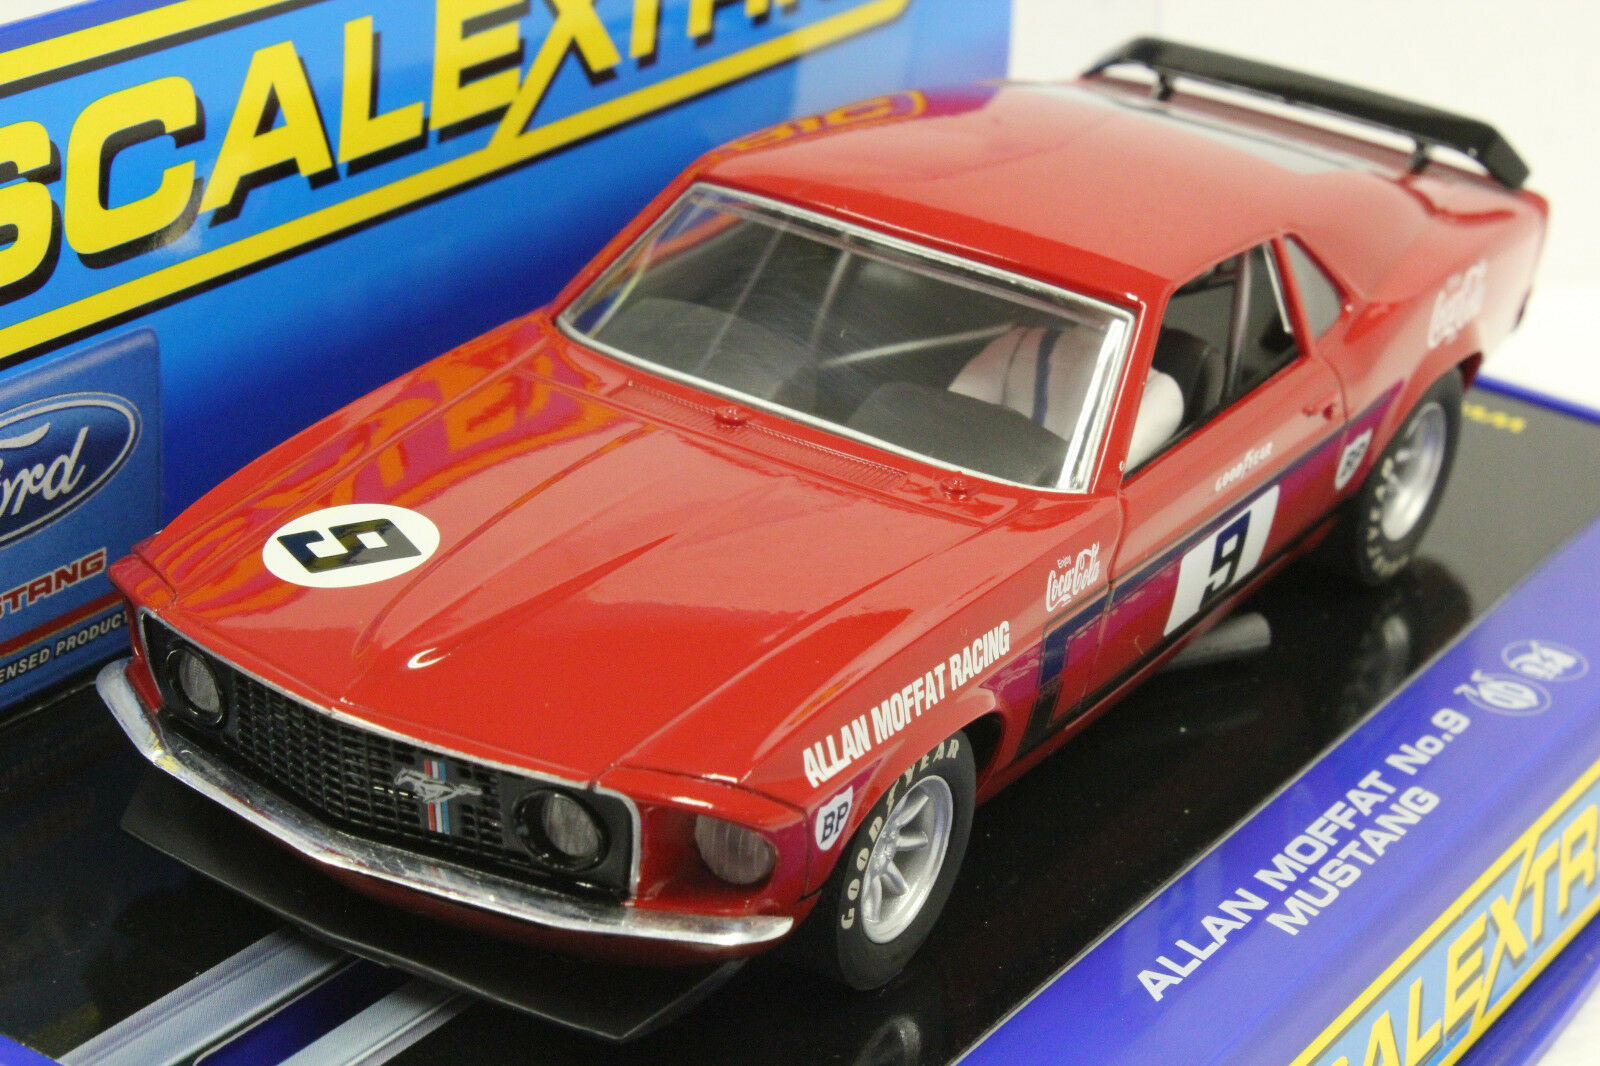 Scalextric C2775 69 Mustang Coca Cola Nueva Edición Limitada 1/32 Slot Car-RARE -